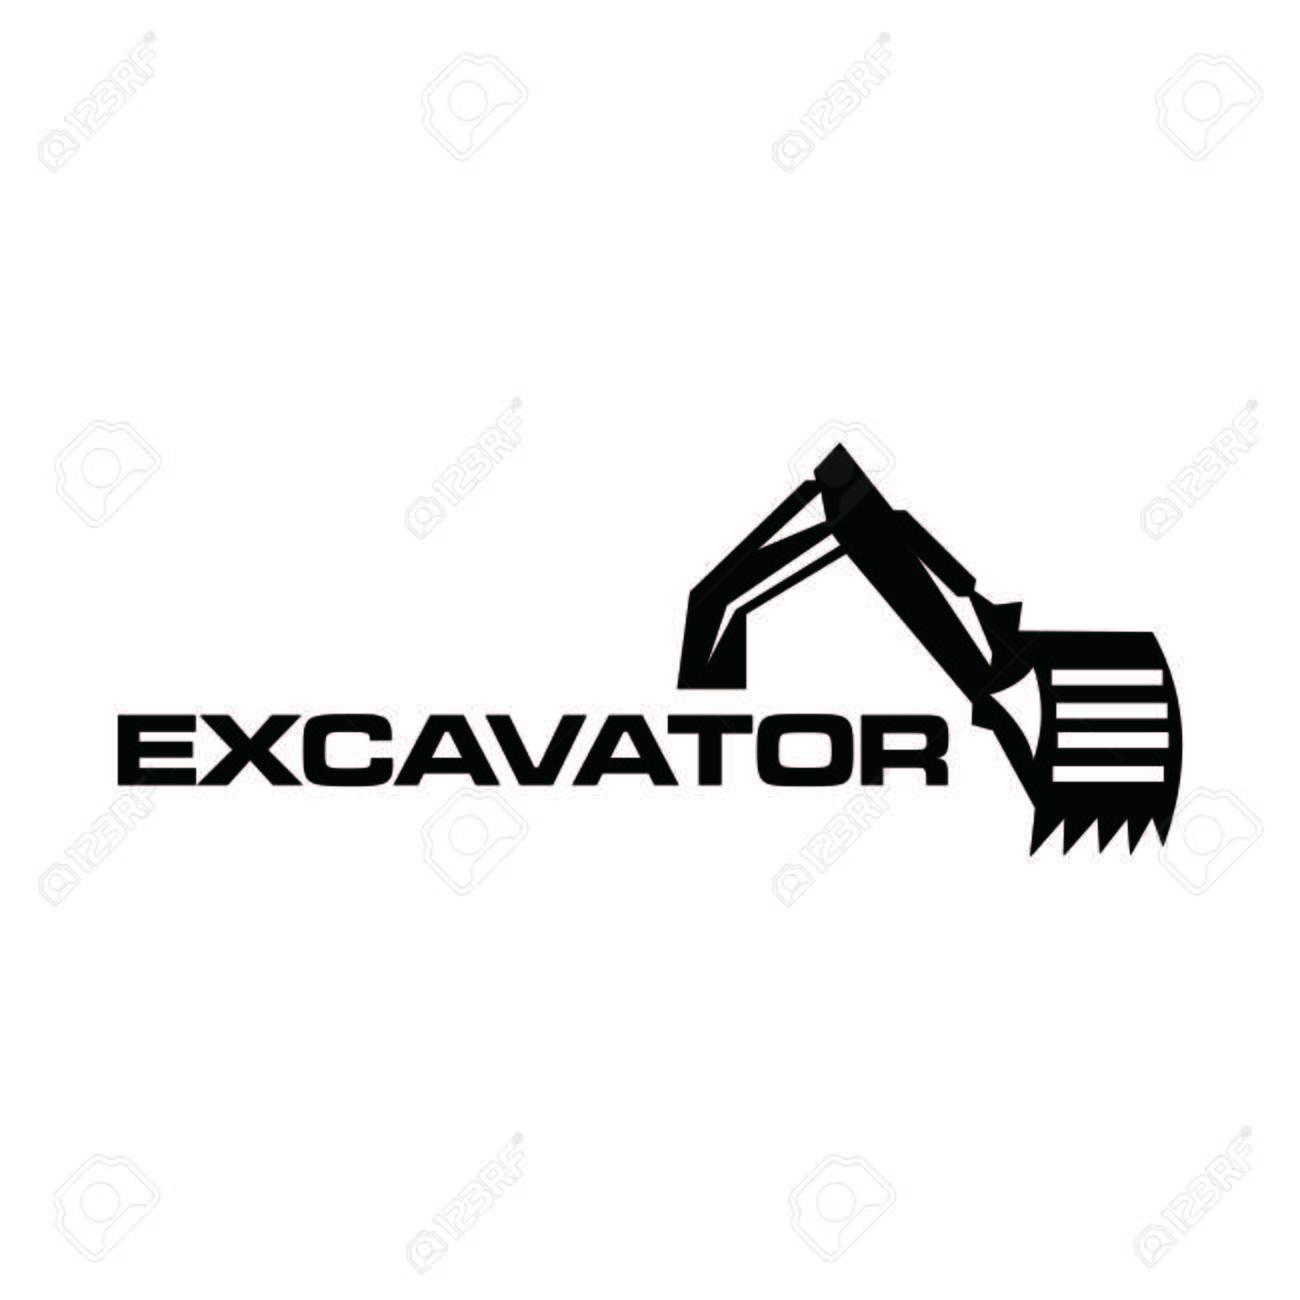 excavator design - 117269223